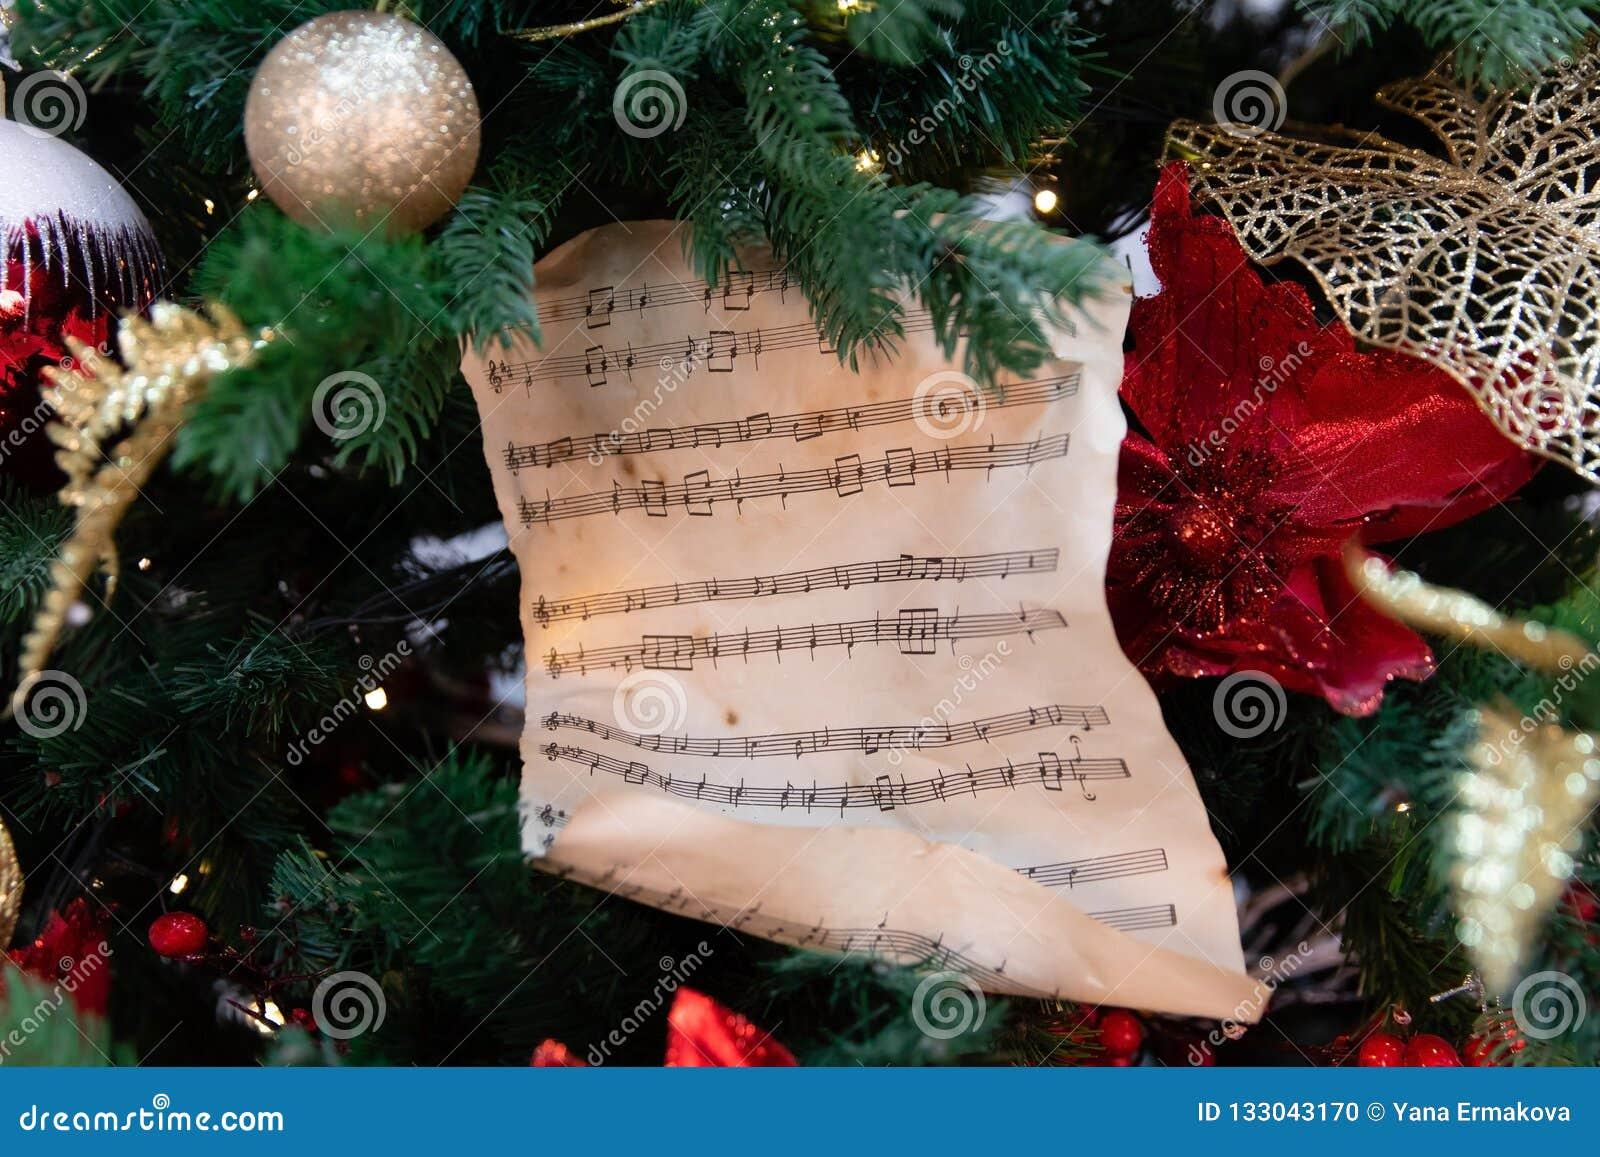 Árvore de Natal decorada com brinquedos, luzes e partitura